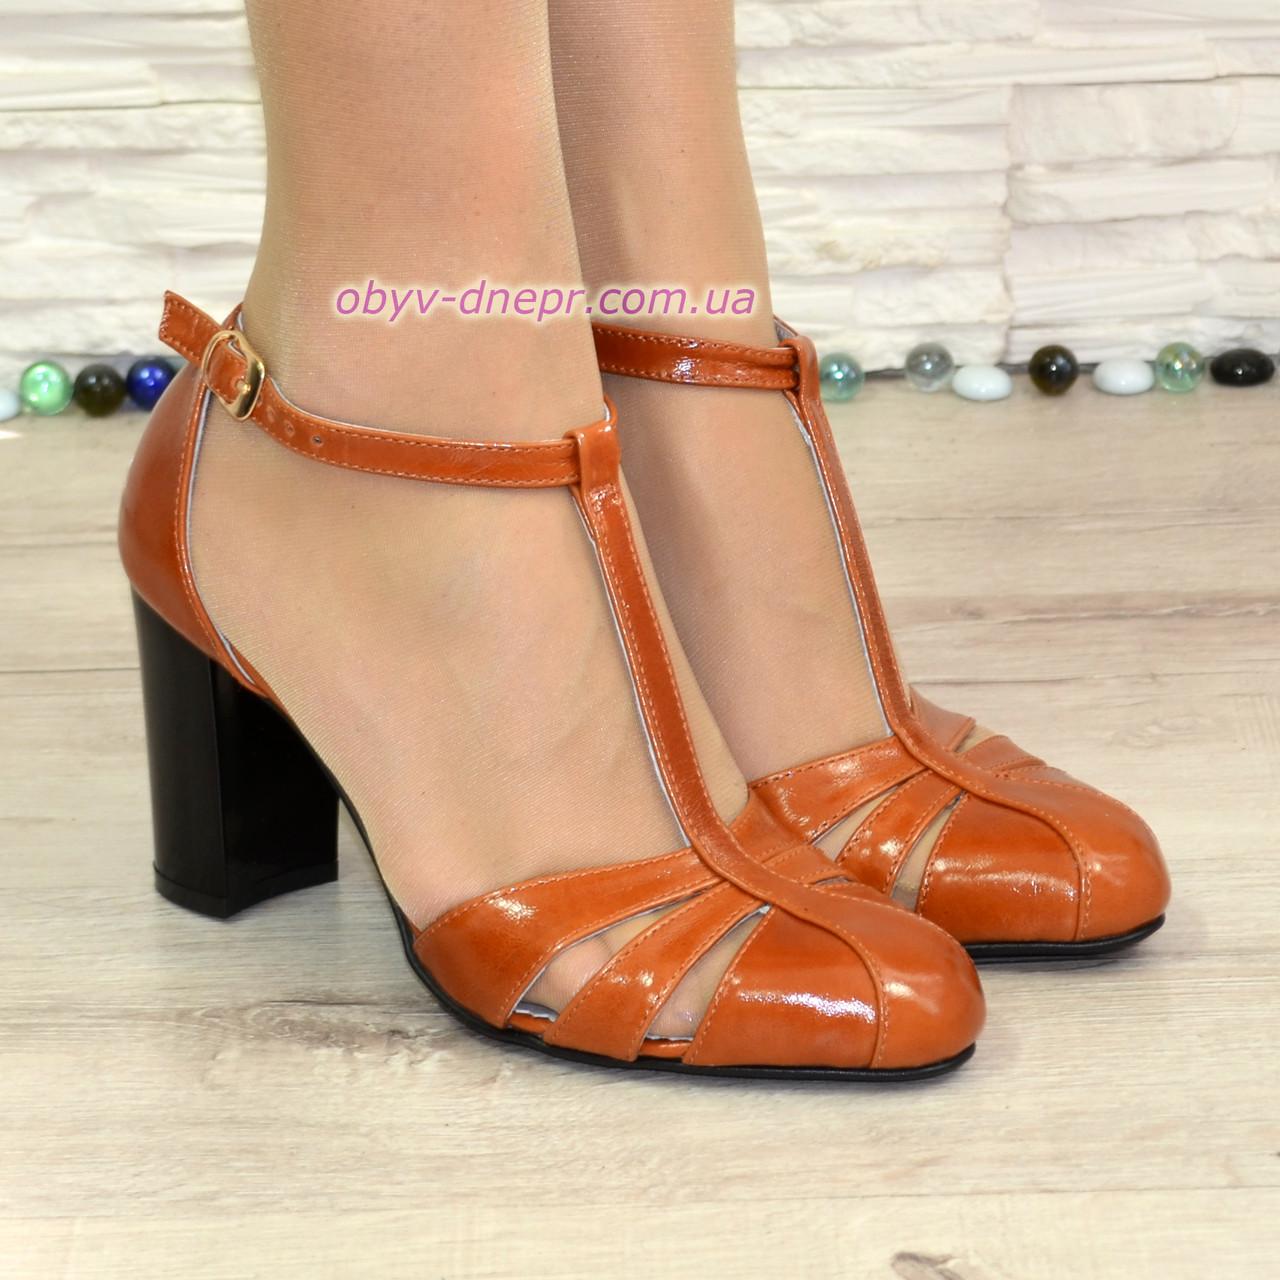 Женские кожаные босоножки на высоком устойчивом каблуке, цвет рыжий